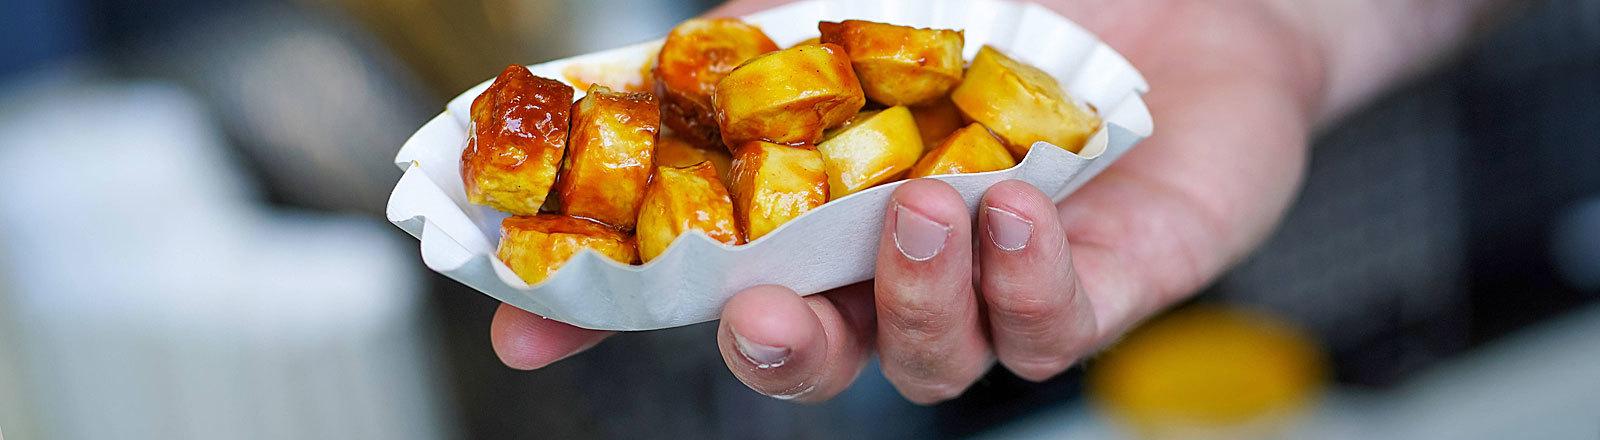 In einer weißen Schale liegt eine Currywurst. Die Schale wird von einer Hand in die Kamera gehalten.